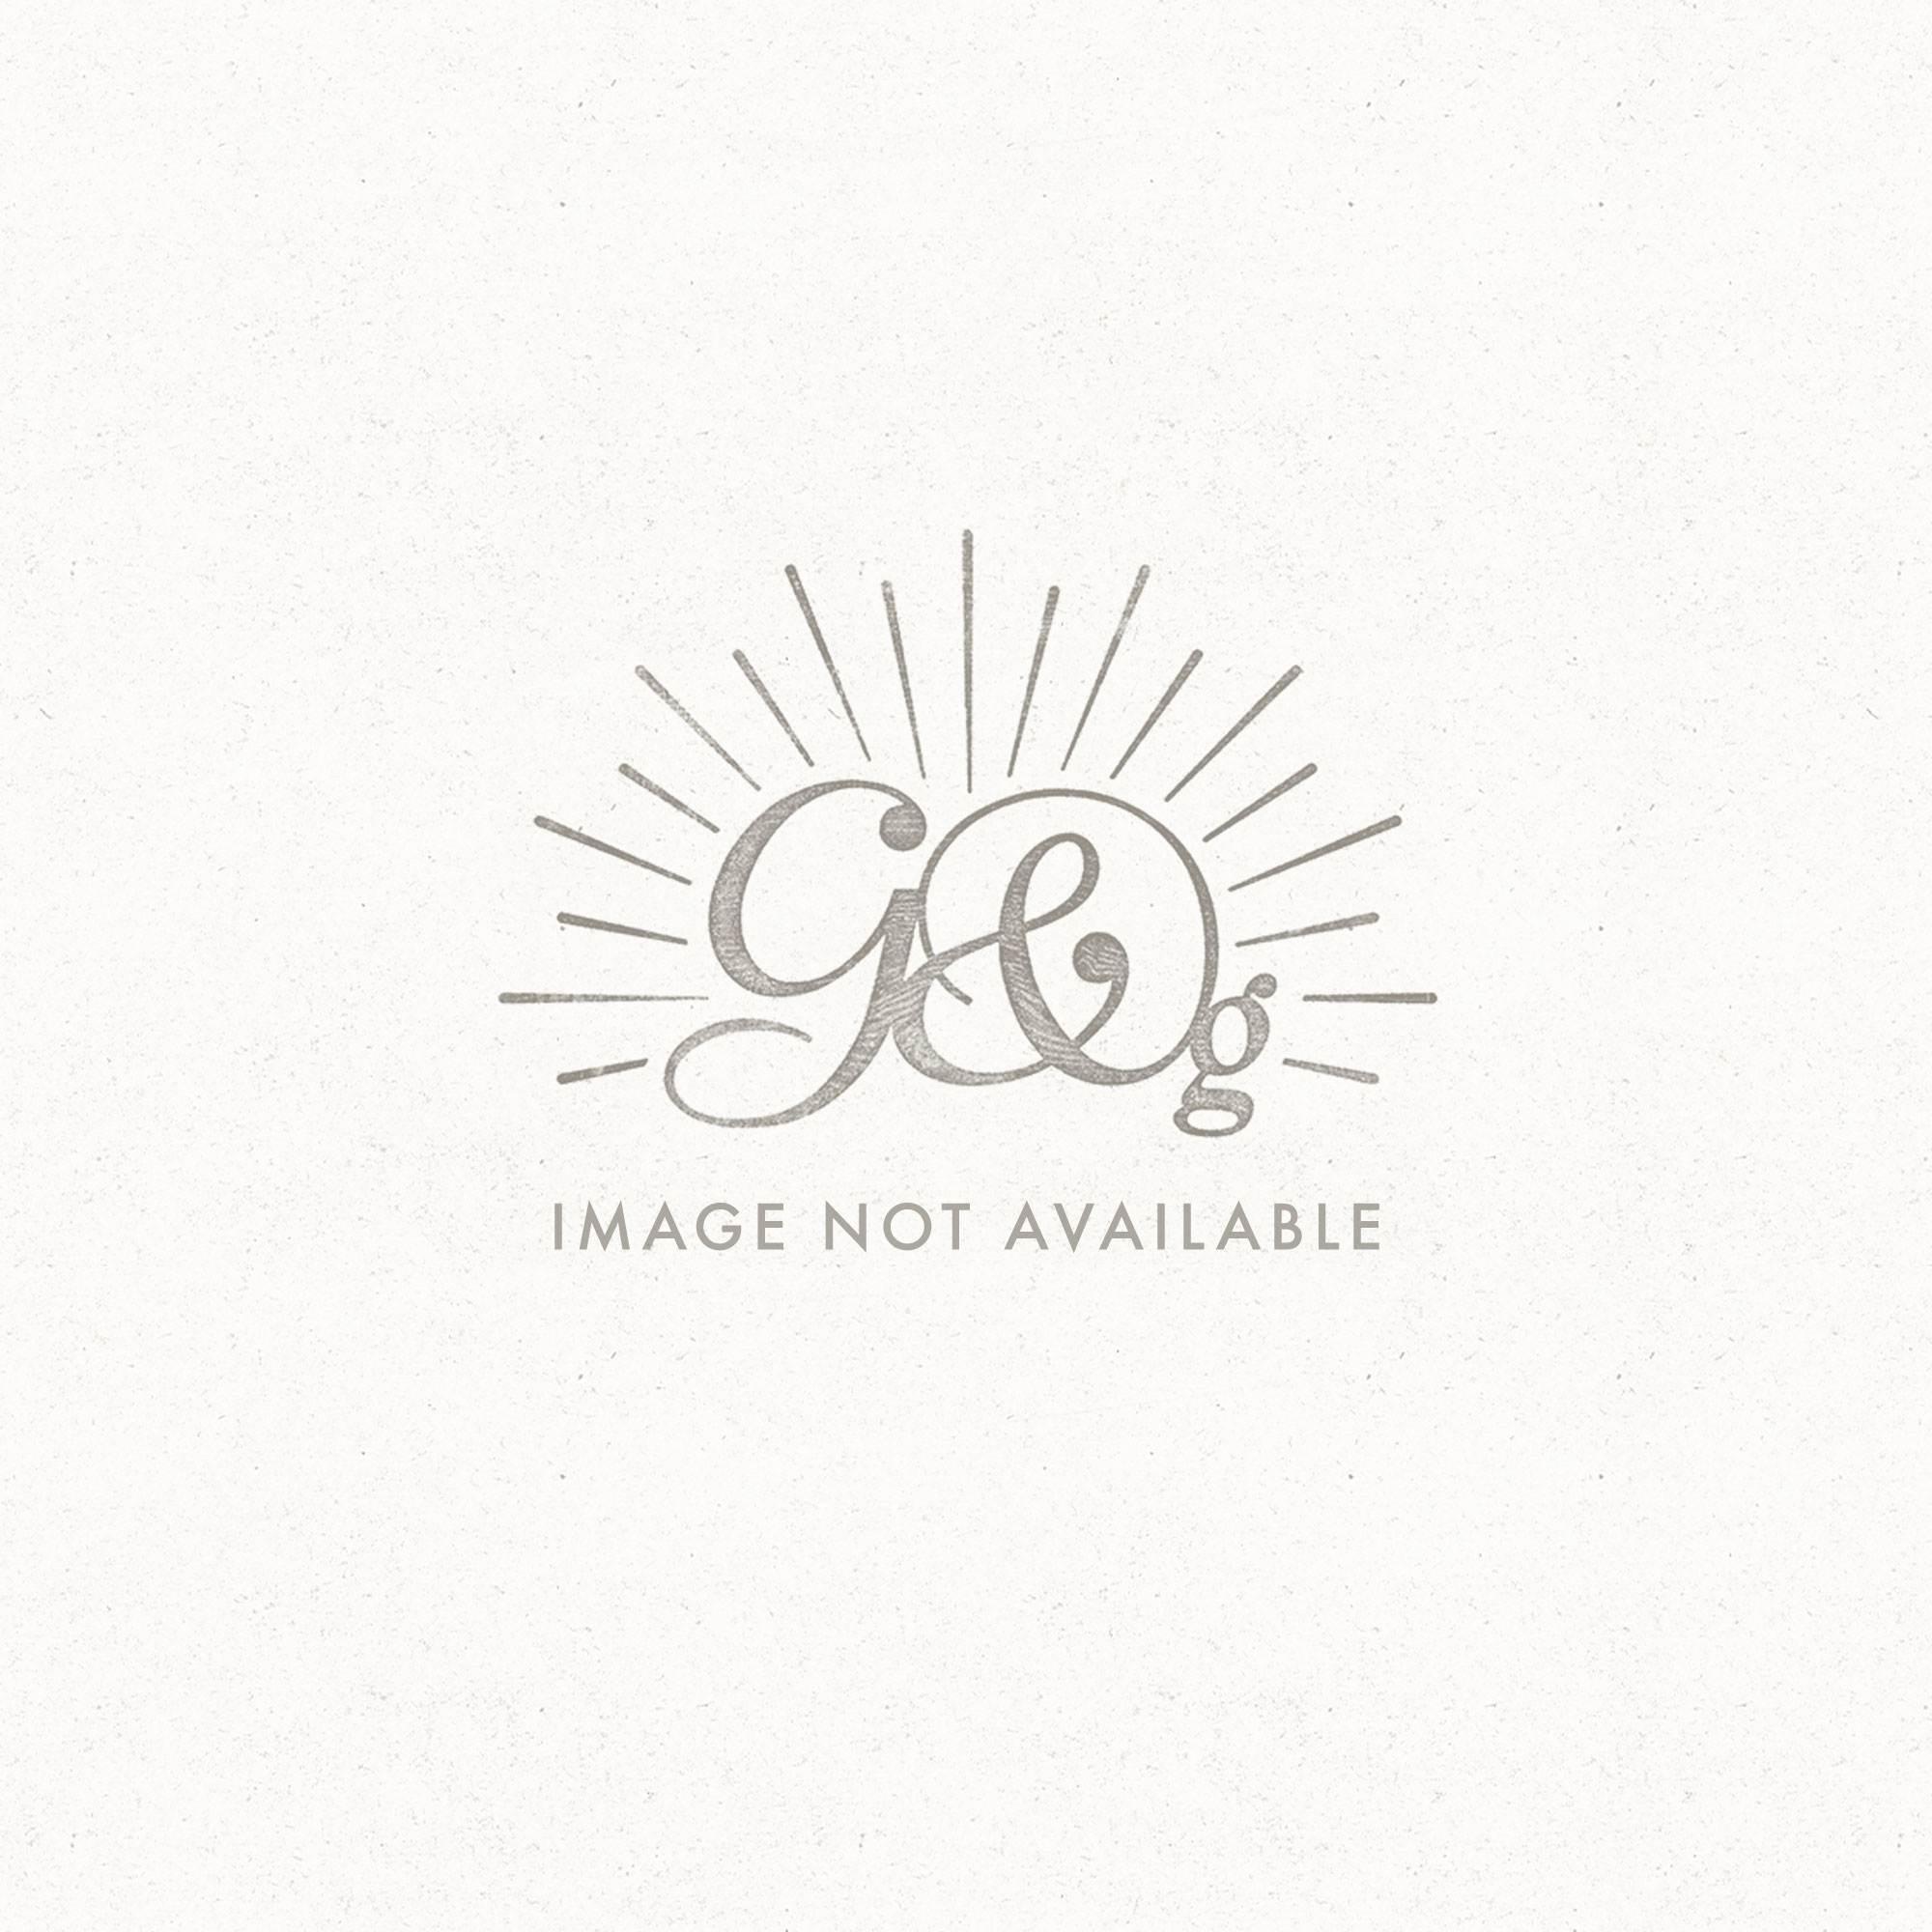 Bespoke Upholstery Sale | Graham & Green